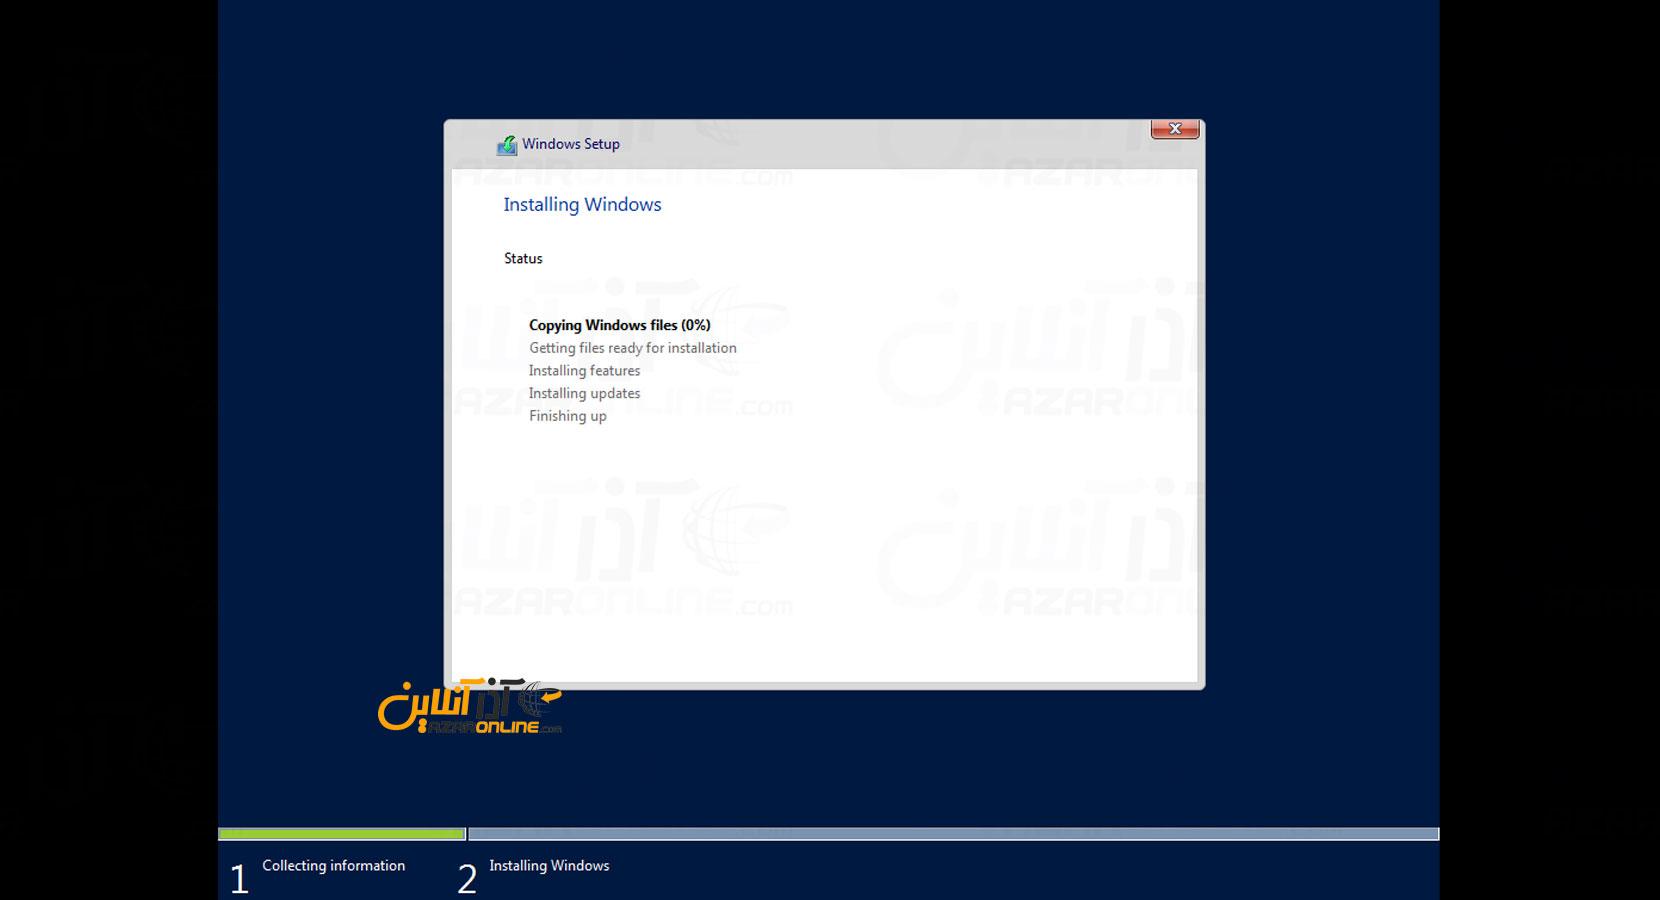 آموزش نصب ویندوز سرور 2016 در vmware - کپی و نصب فایلهای ویندوز سرور